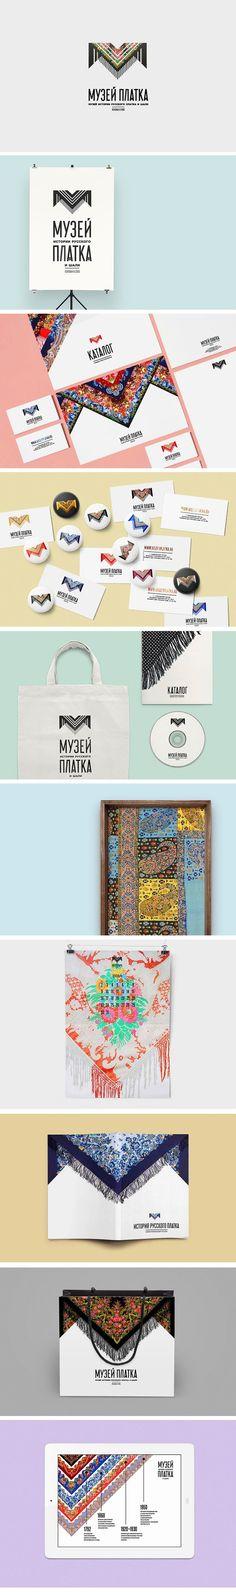 Логотип и фирменный стиль для Музея платка в городе Павловский посад, Вова Лифанов